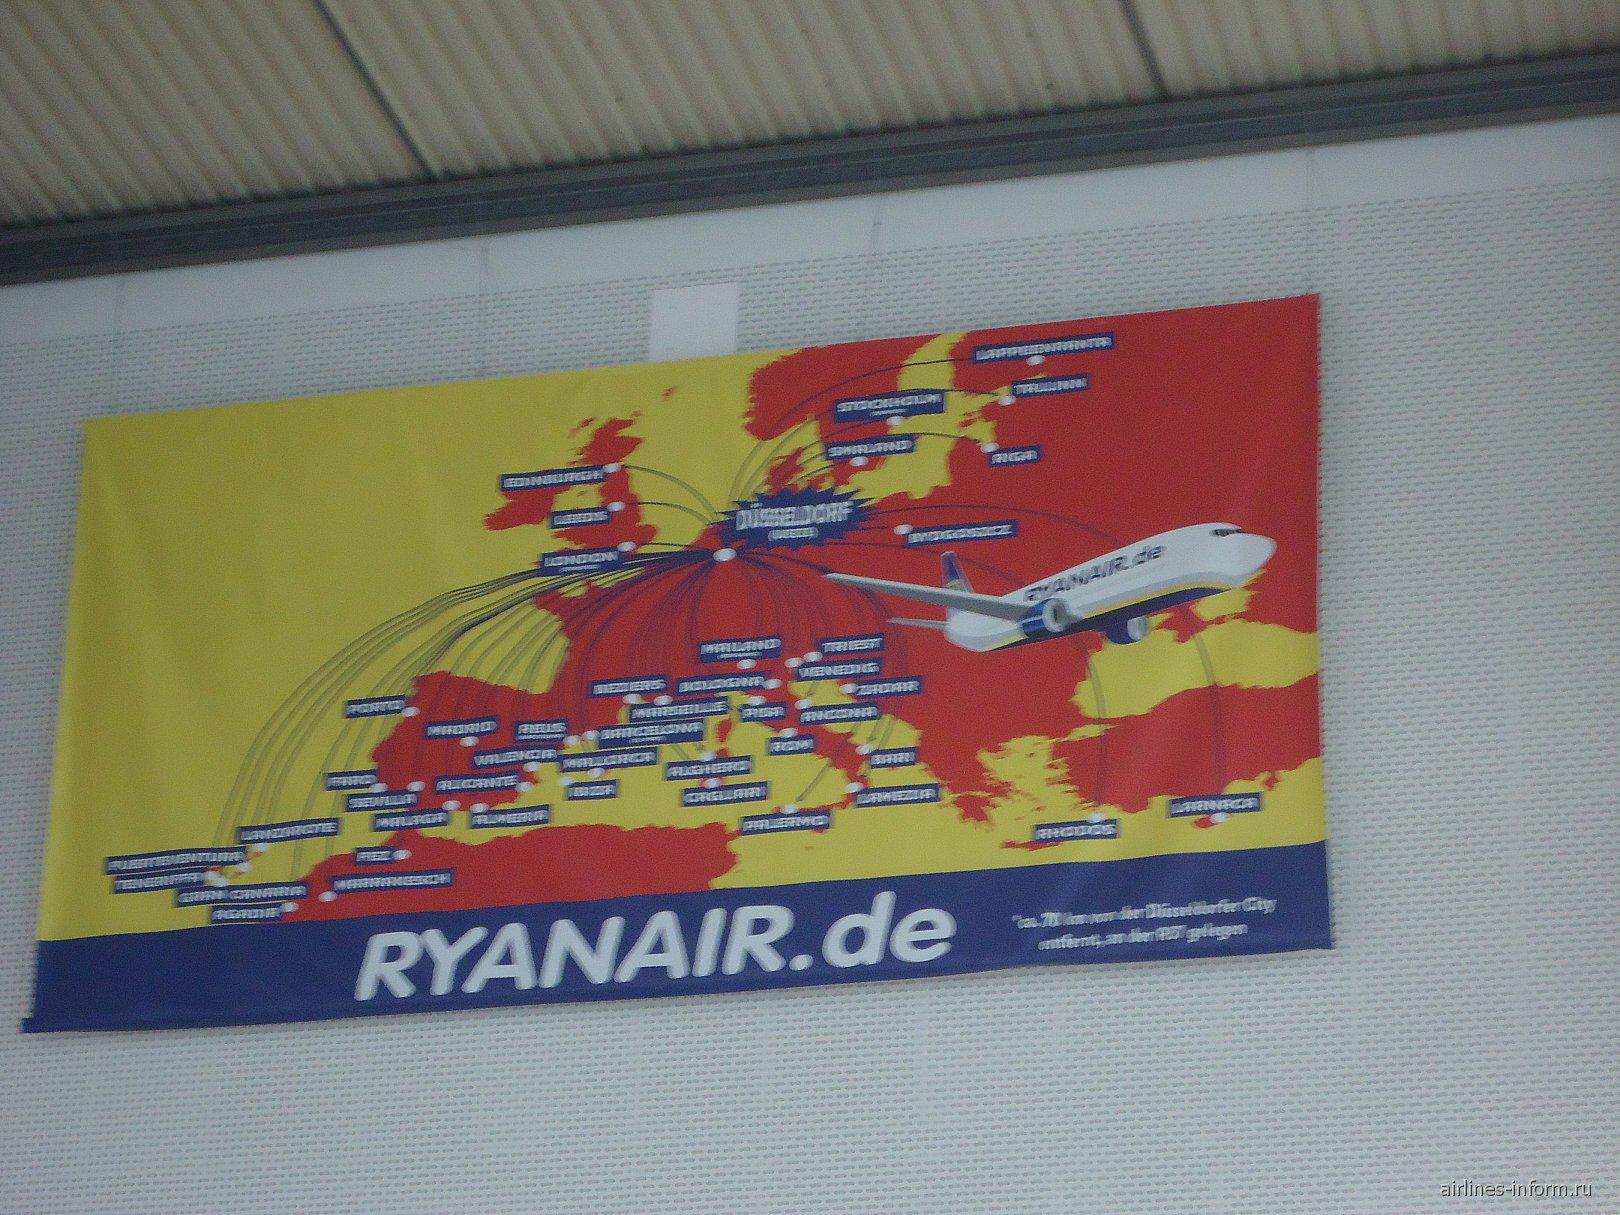 Аэропорт Веезе вблизи Дюссельдорфа